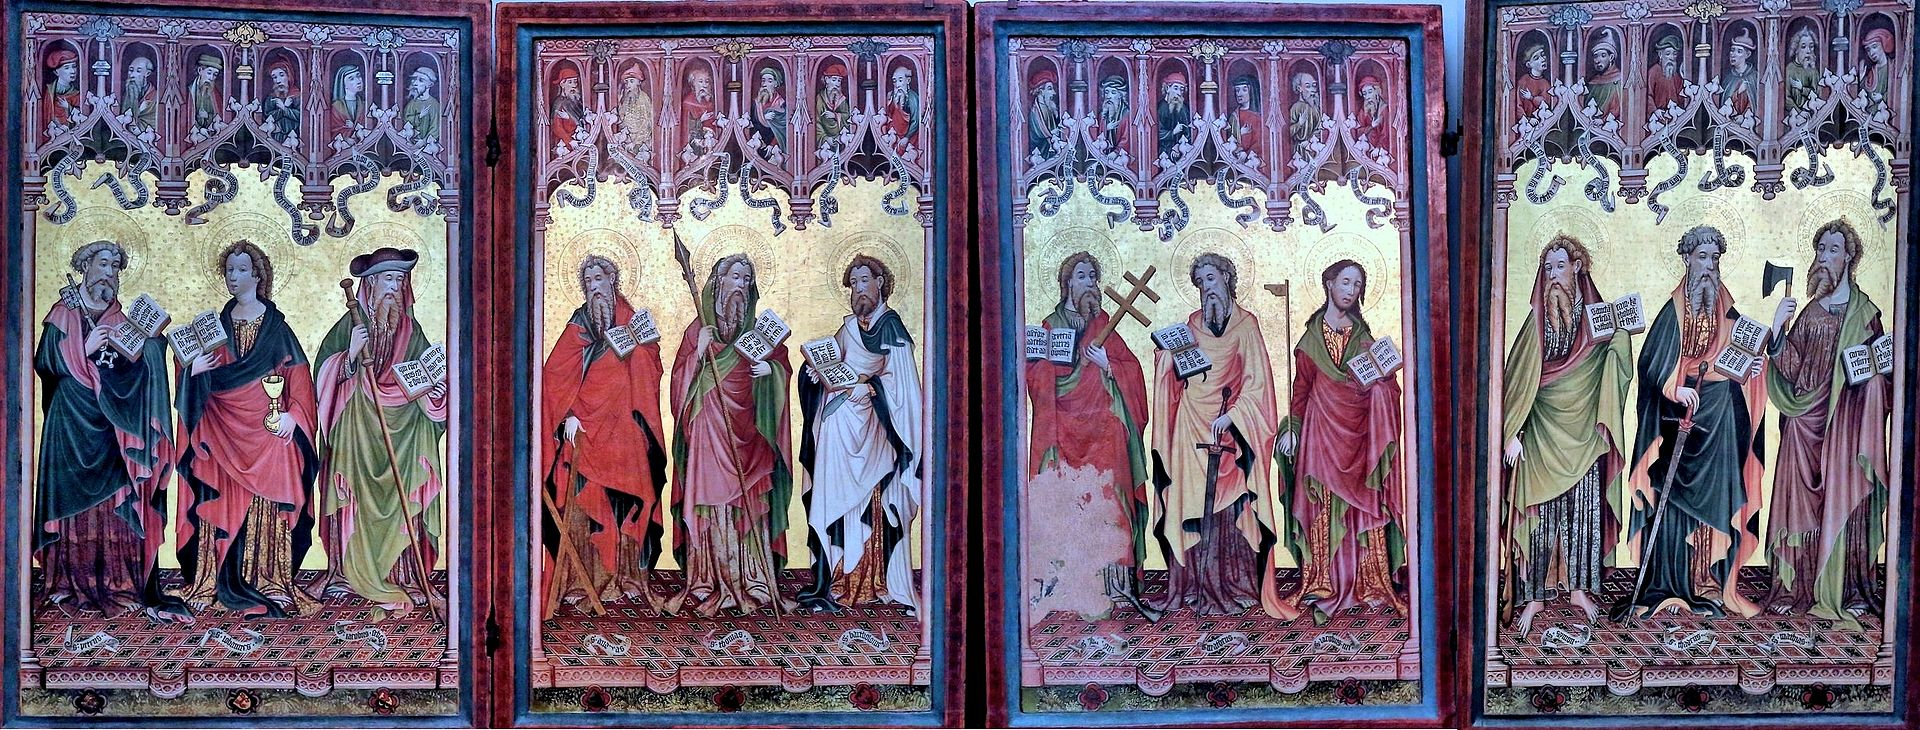 Göttinger Barfüßeraltar, 1424